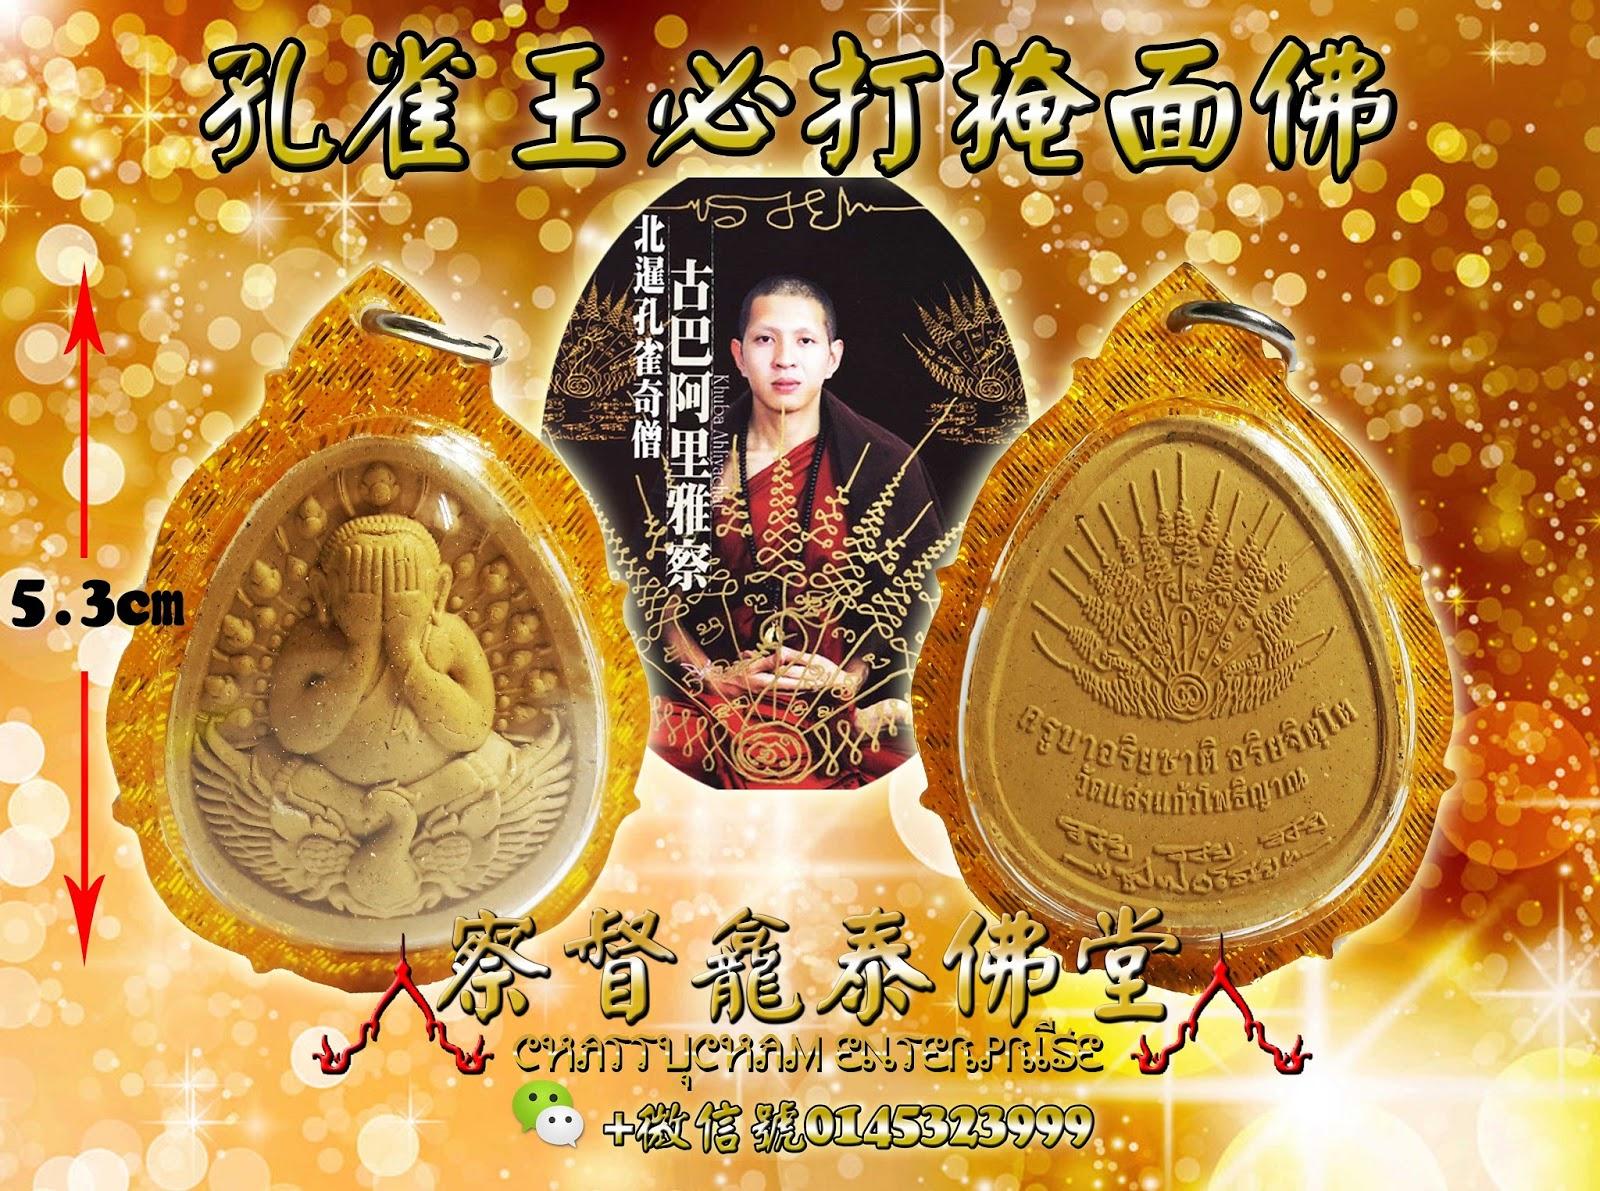 泰國佛牌聖物 Power Thai Amulet : 孔雀王必打掩面佛